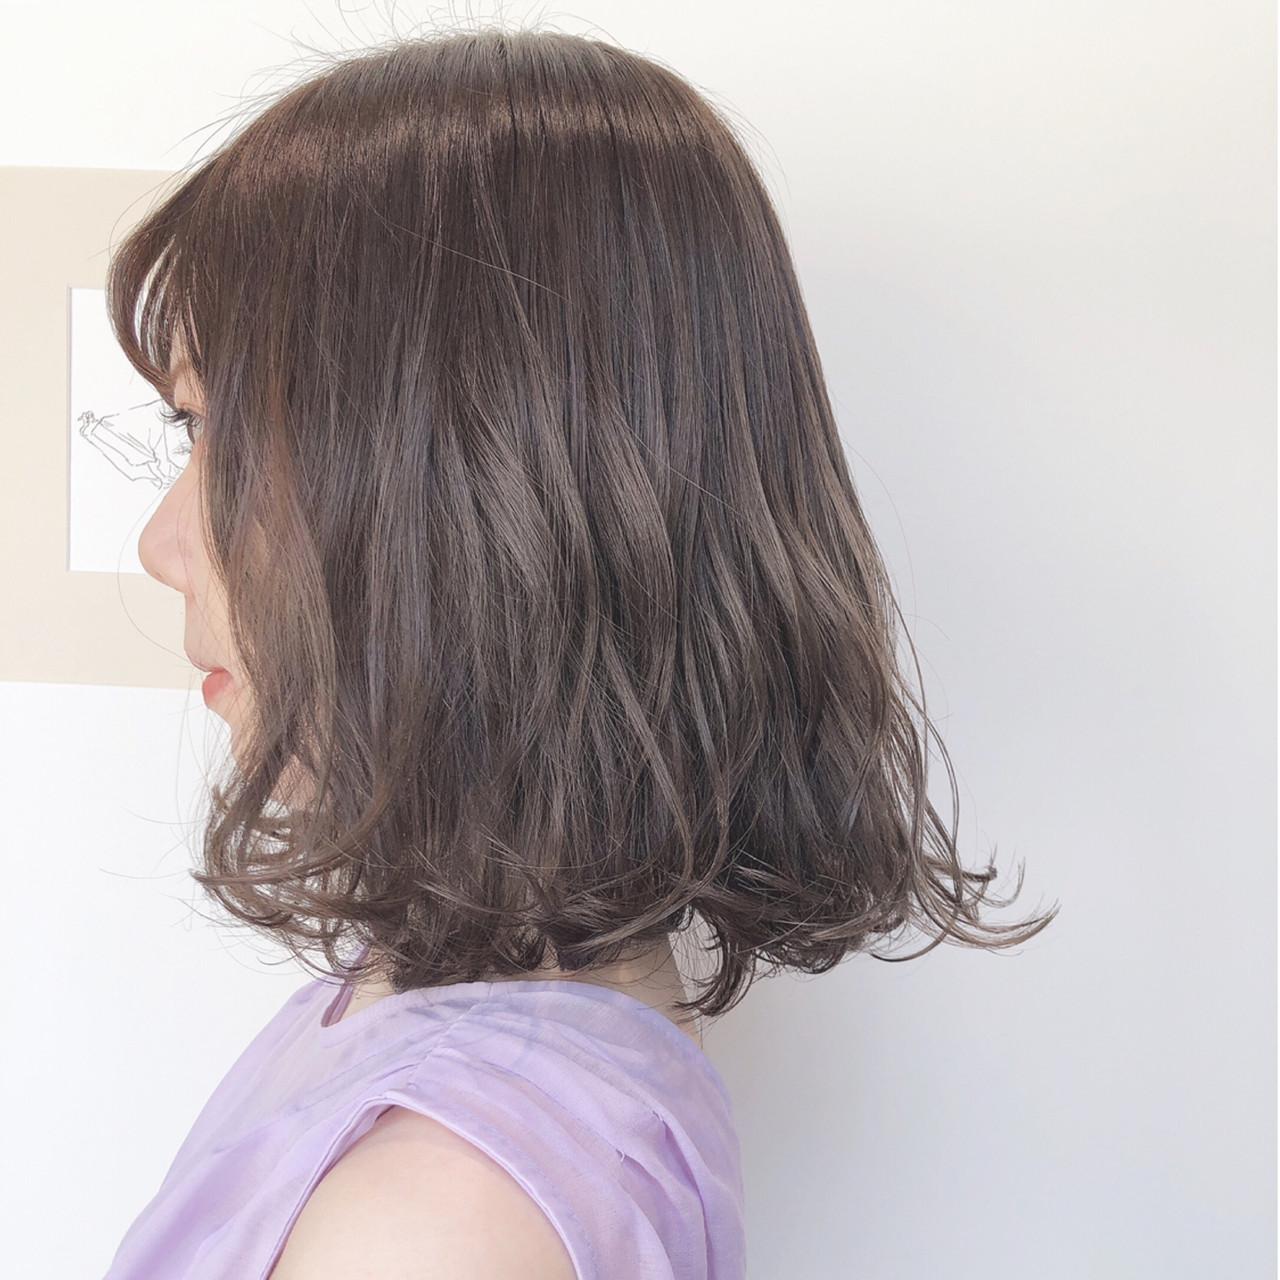 ナチュラル 簡単ヘアアレンジ ボブ ミルクティーベージュ ヘアスタイルや髪型の写真・画像